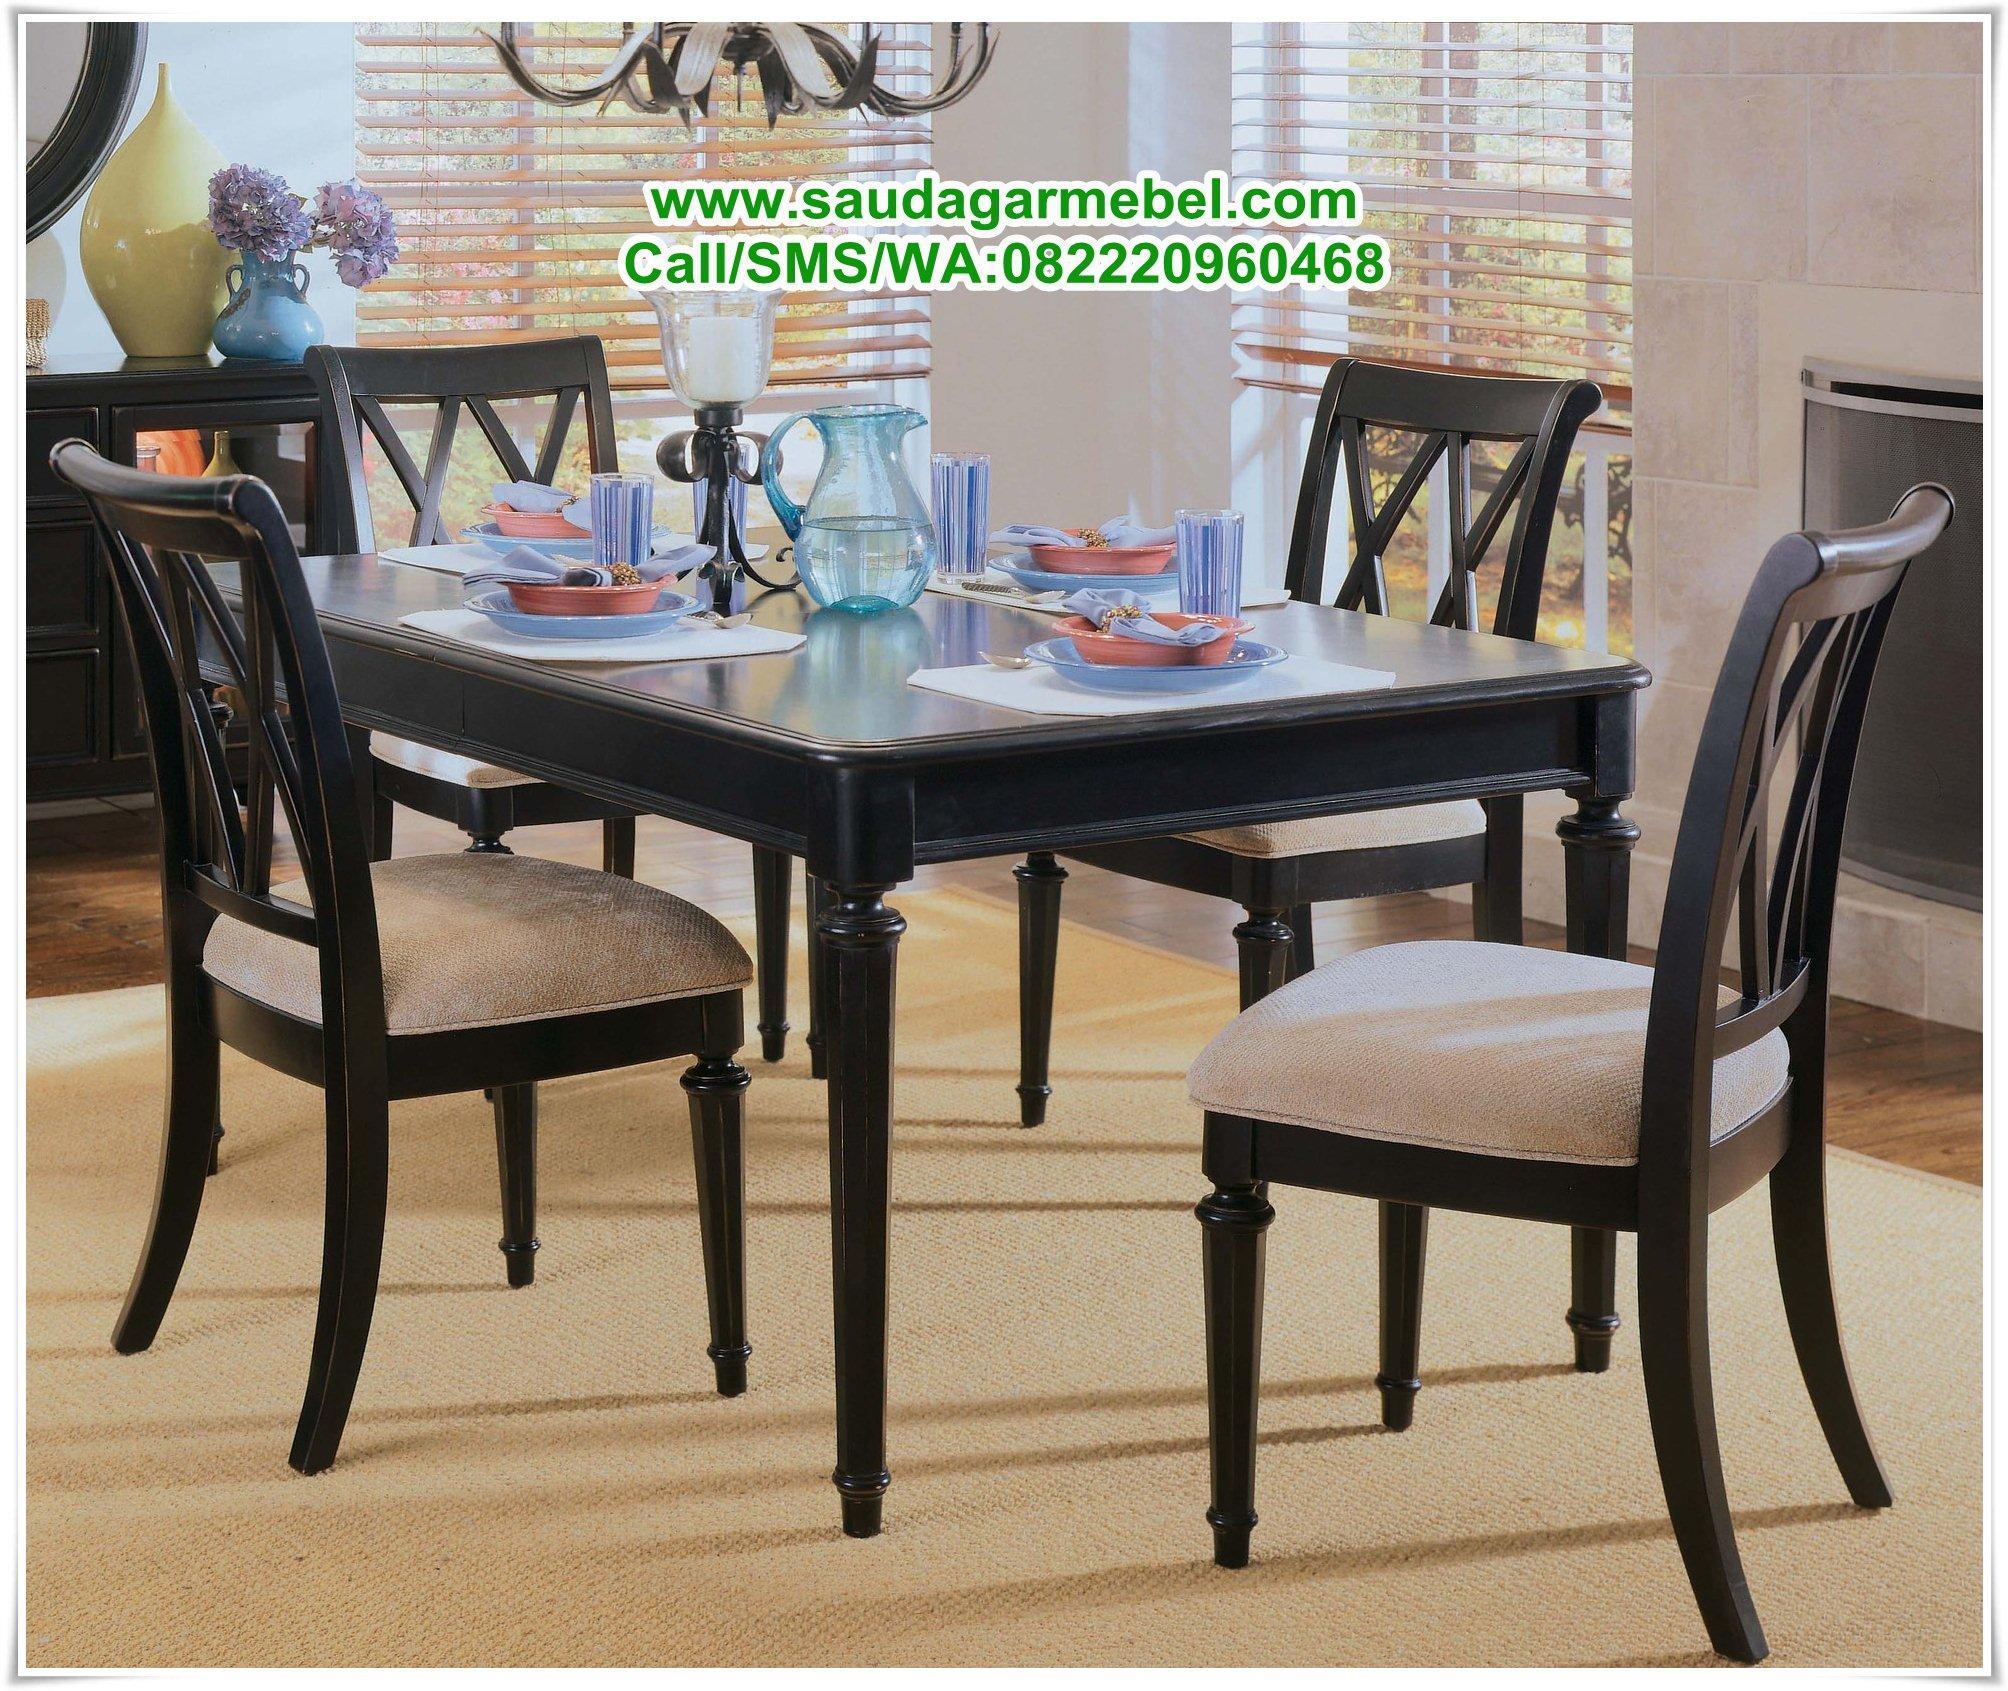 Set meja makan minimalis jakarta jual meja makan model meja makan minimalis terbaru